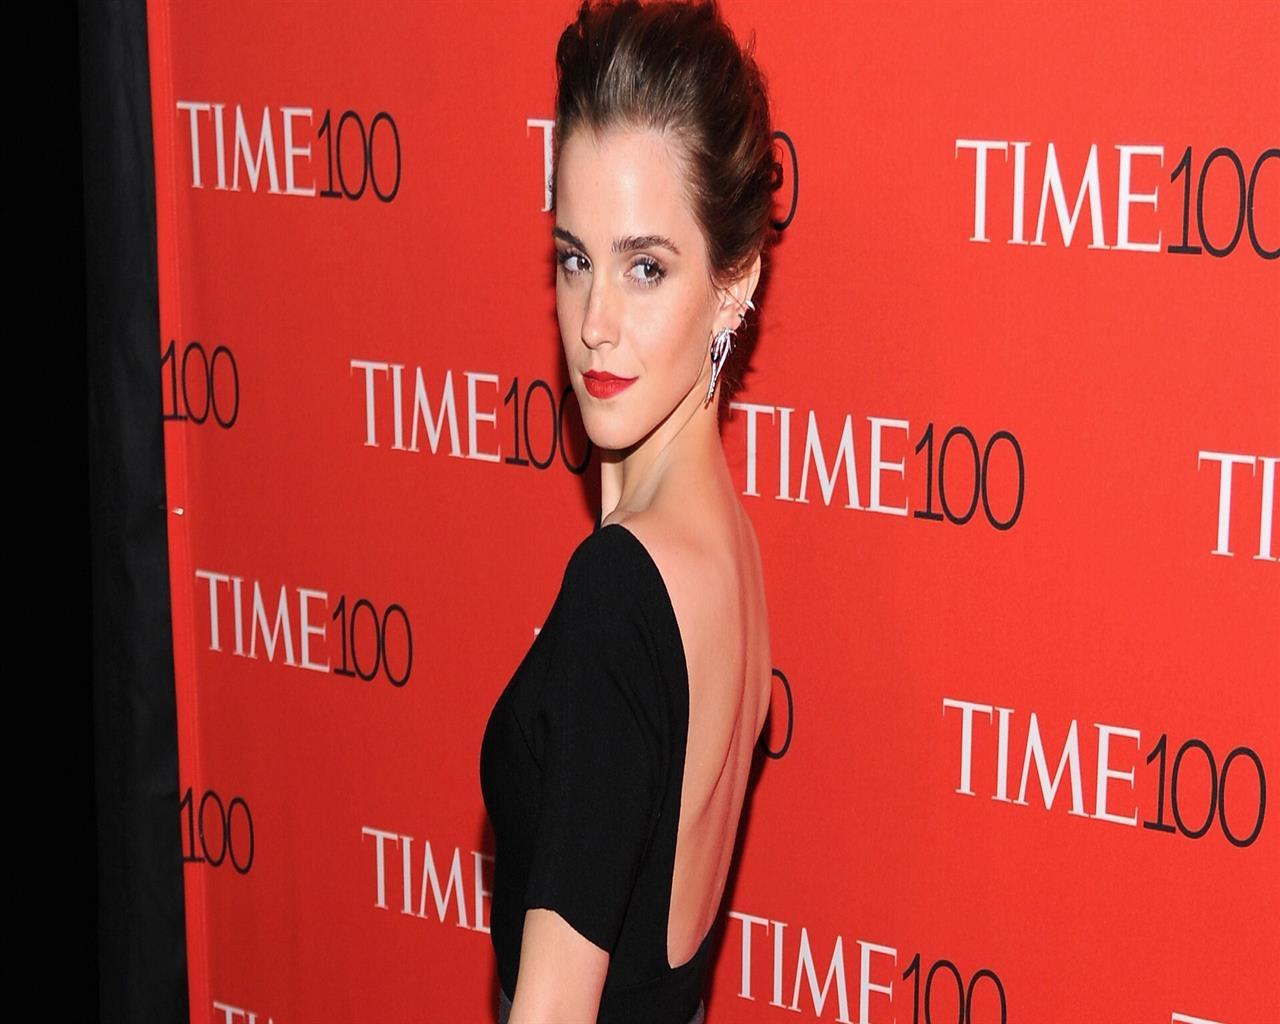 Hd wallpaper emma watson - 1280x1024 Emma Watson In Red Lips Hd Image